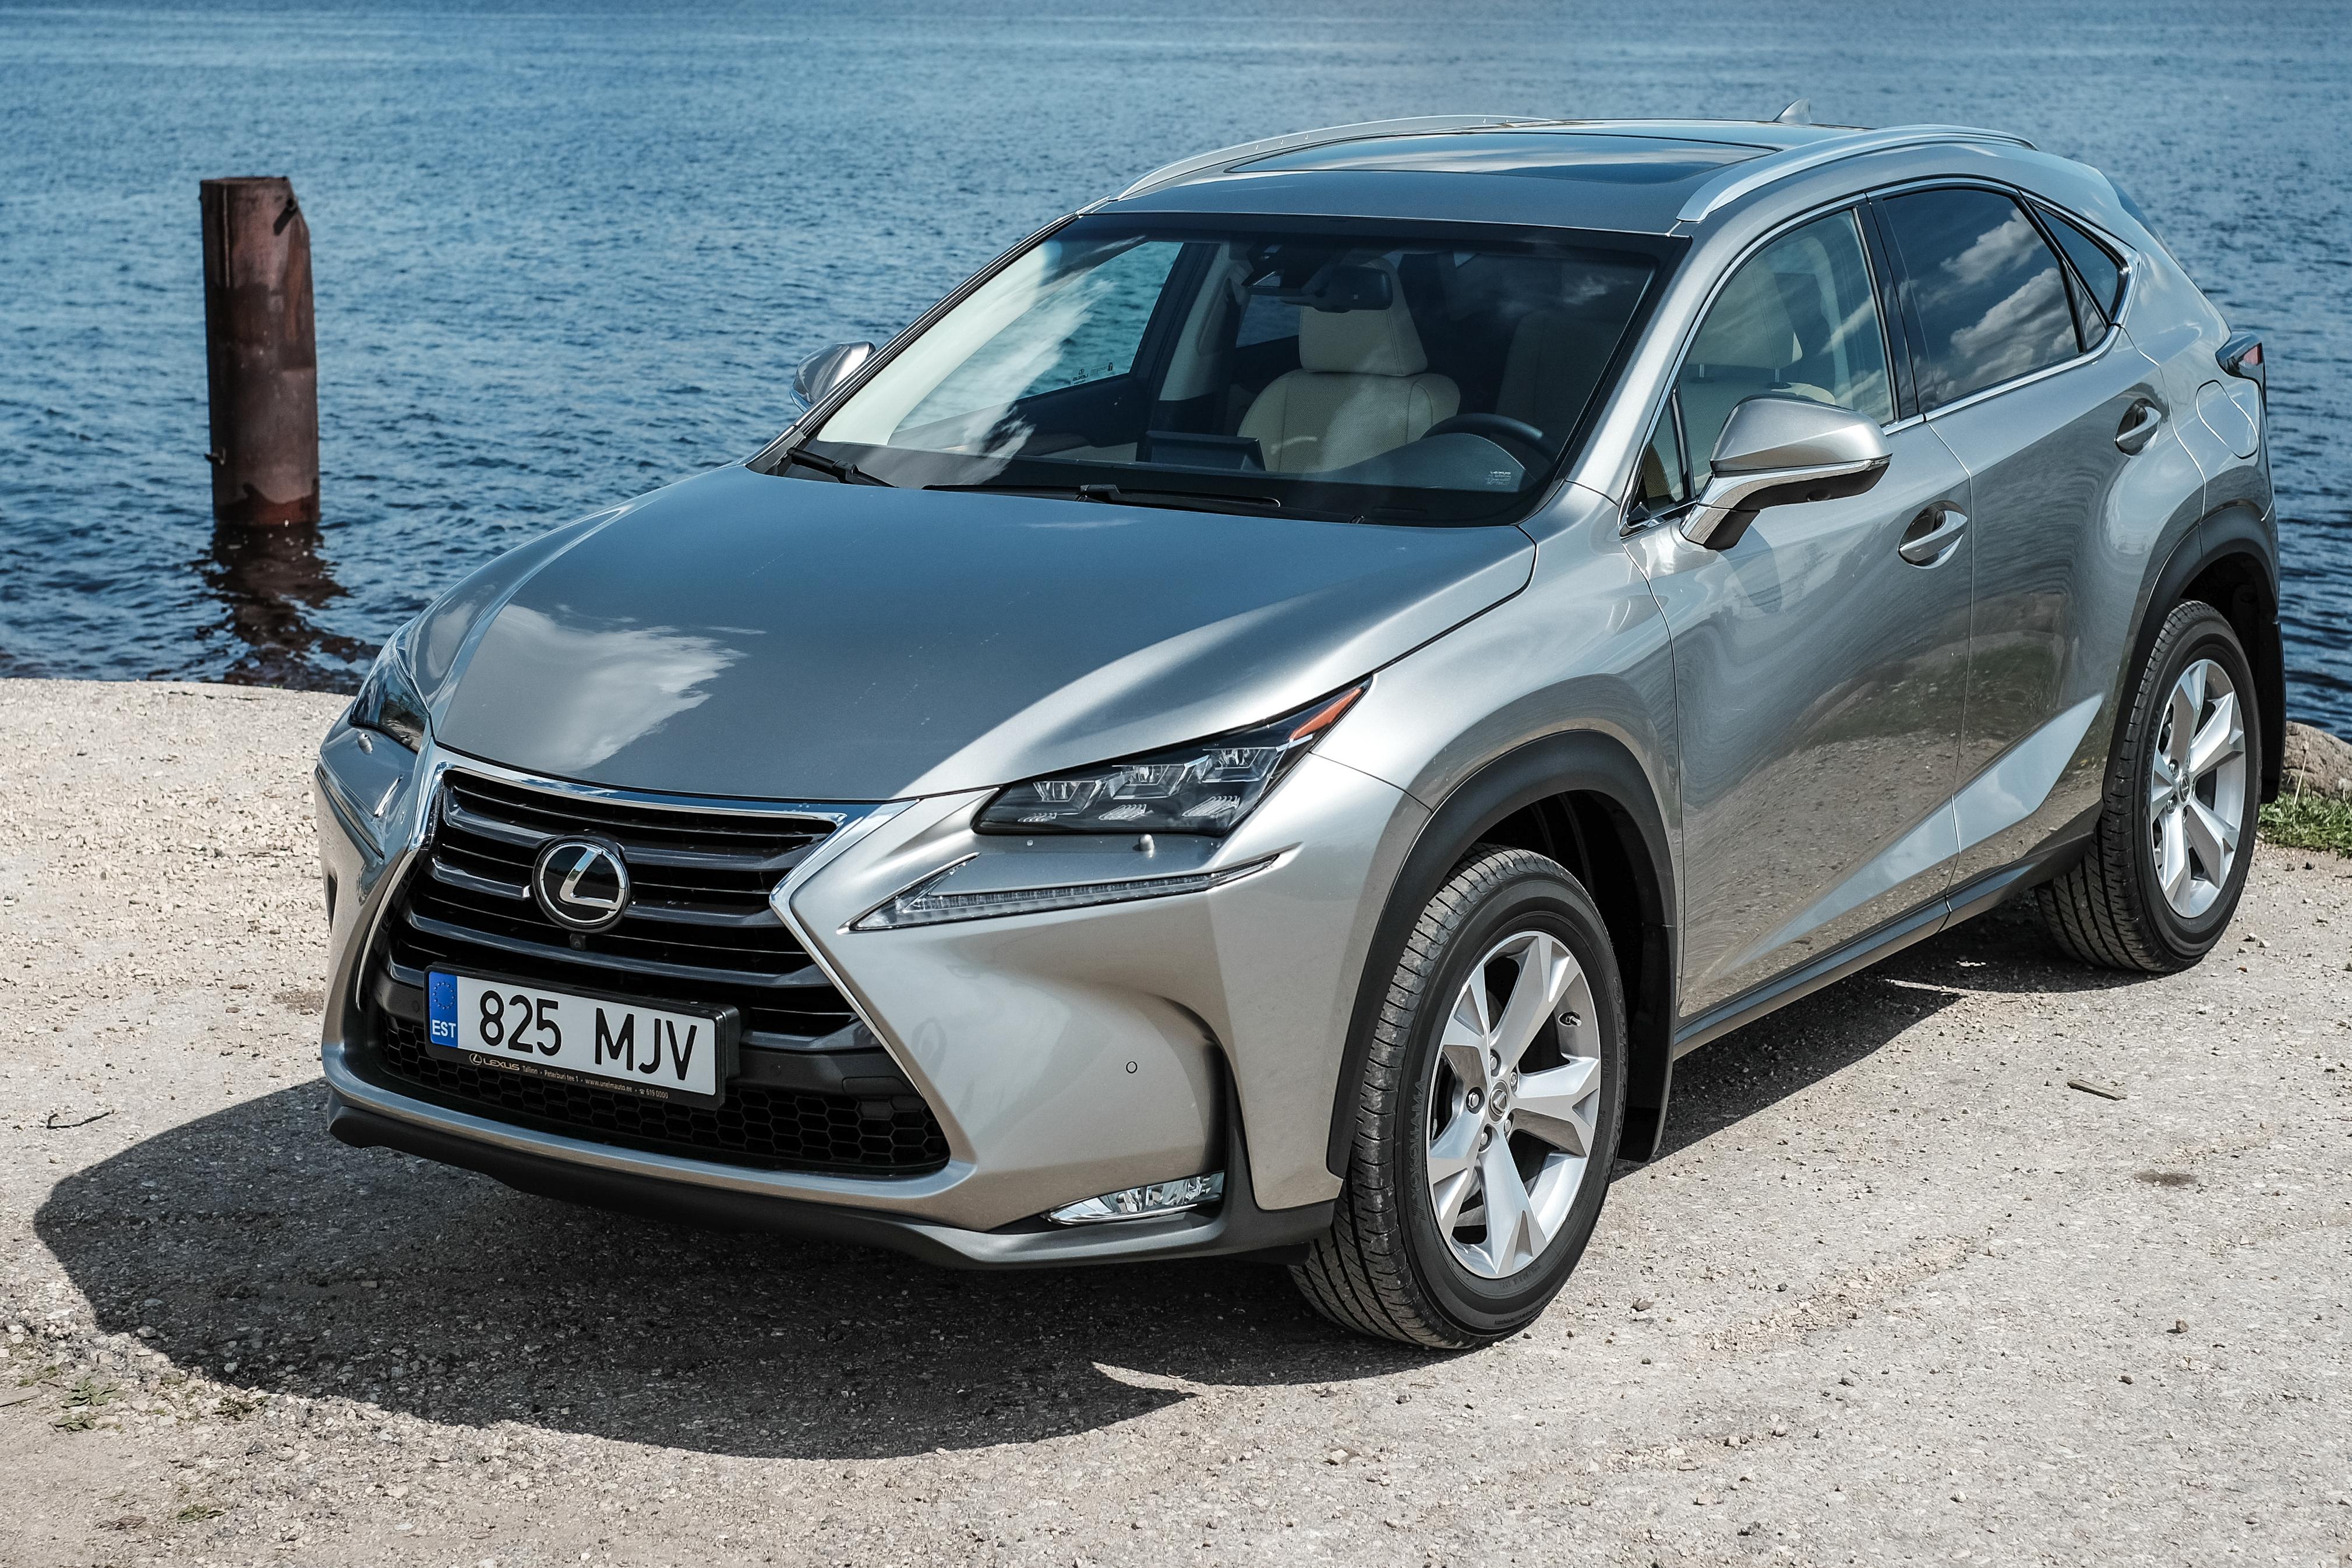 quarter car lexus dynamic reviews top review gear nx front